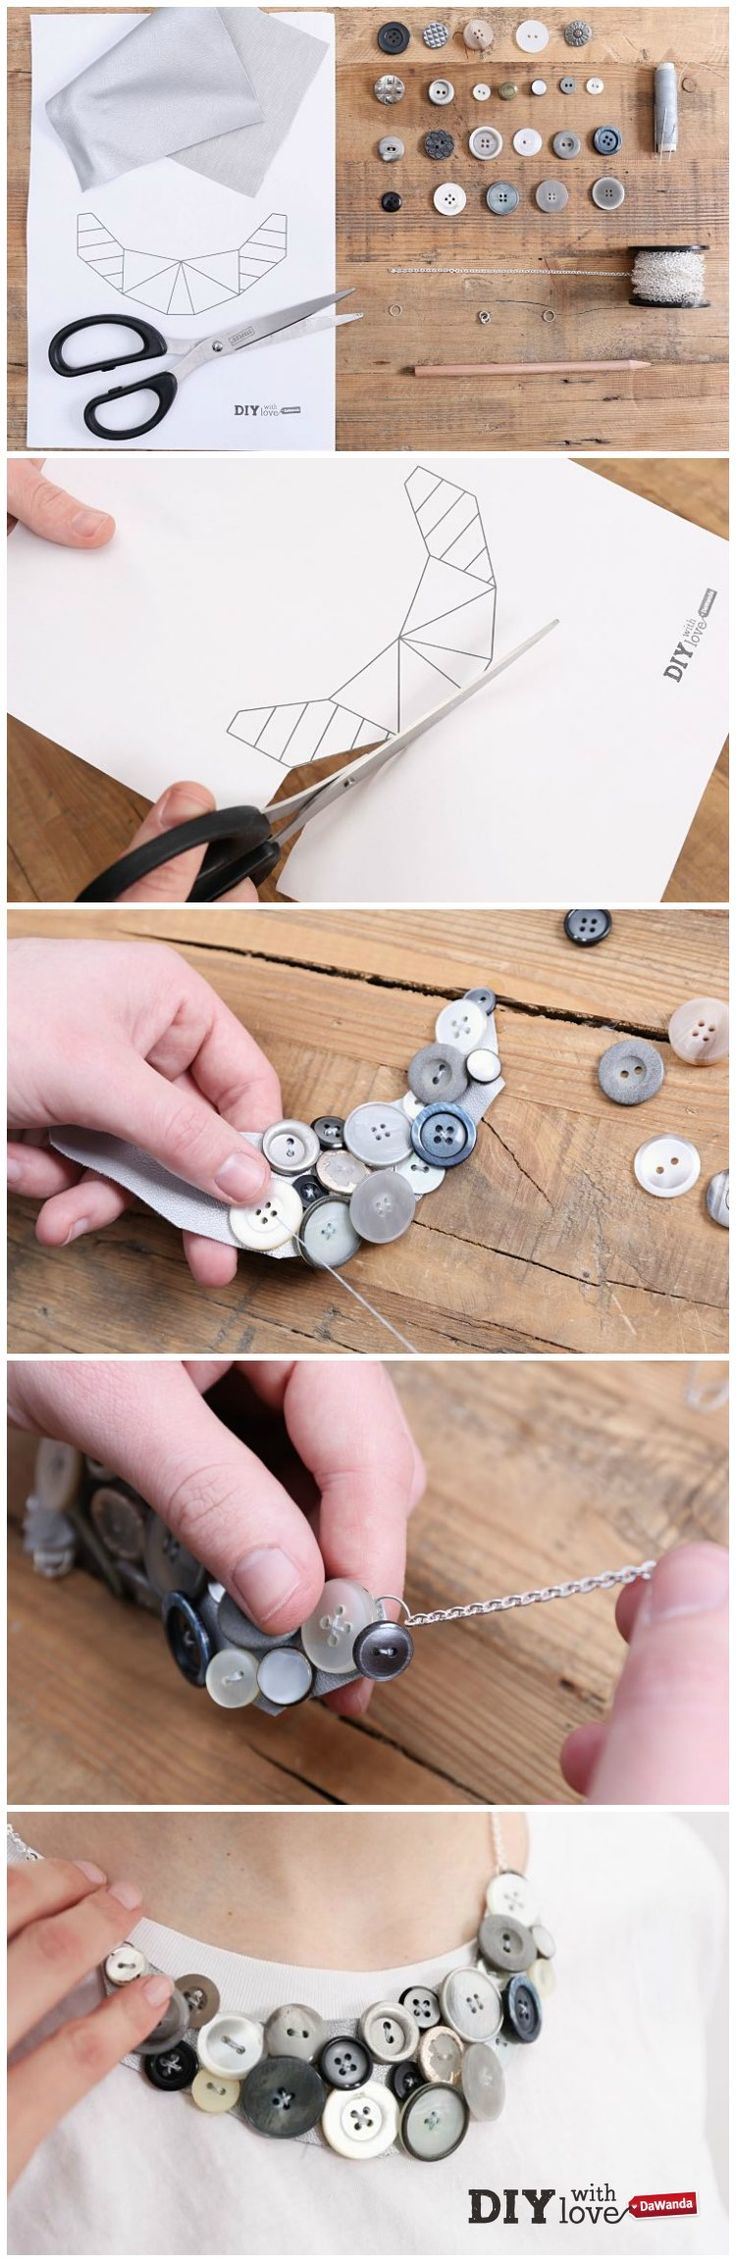 Realizzare una collana plastron riciclando vecchi bottoni - ecco come fare con il nostro DIY http://it.dawanda.com/tutorial-fai-da-te/creare-gioielli/realizzare-collana-plastron-bottoni